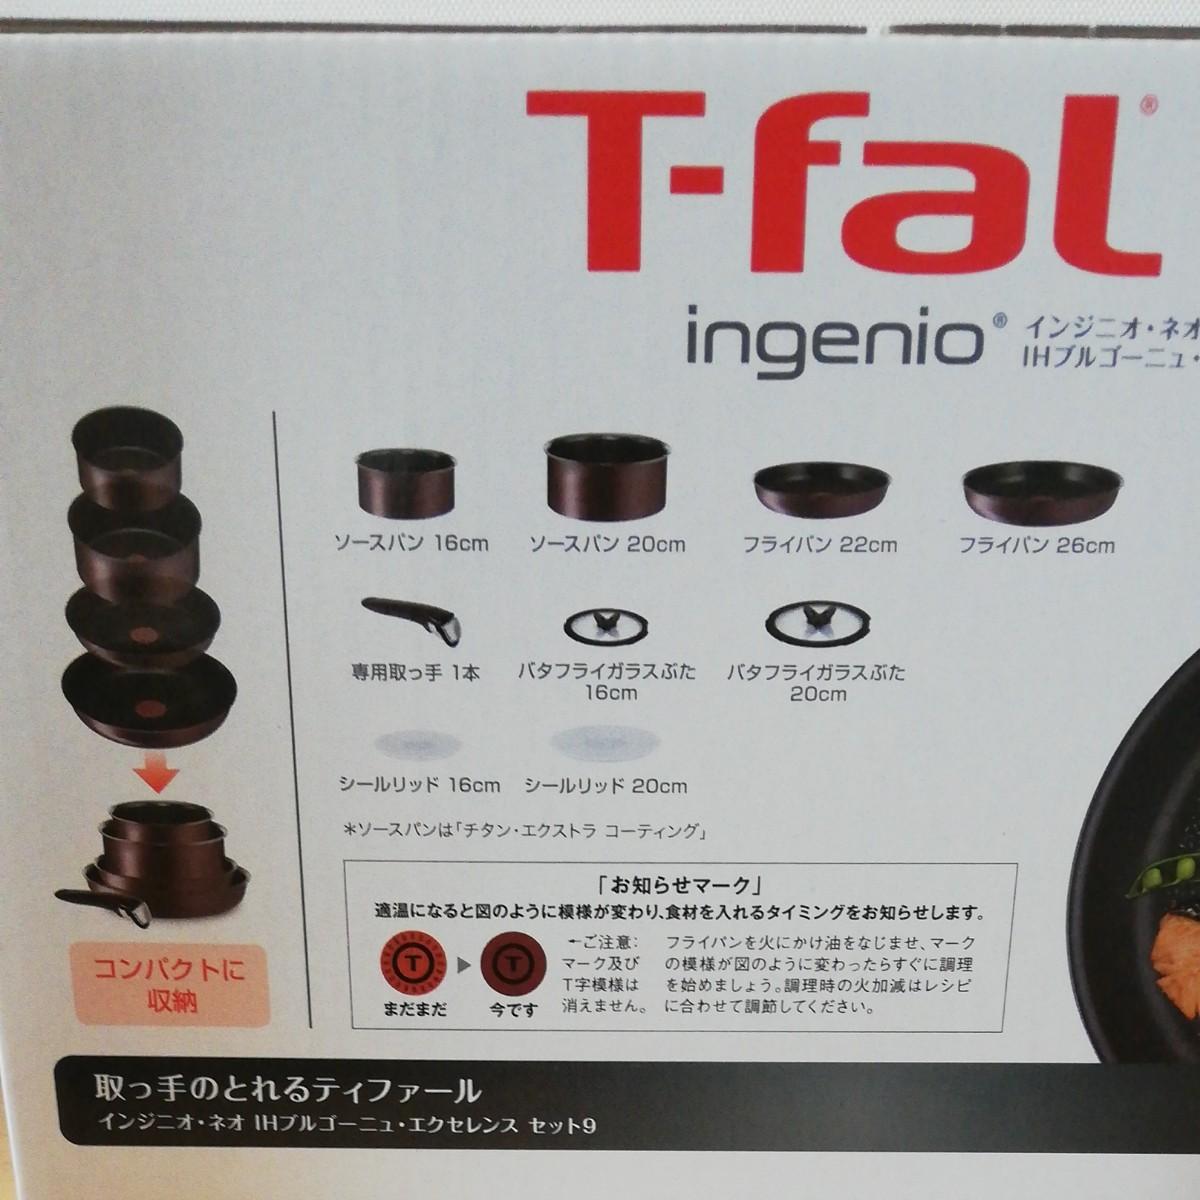 未開封 ティファール (T-fal) フライパンセット 「インジニオネオ IHブルゴーニュエクセレンス」 セット9 IH対応